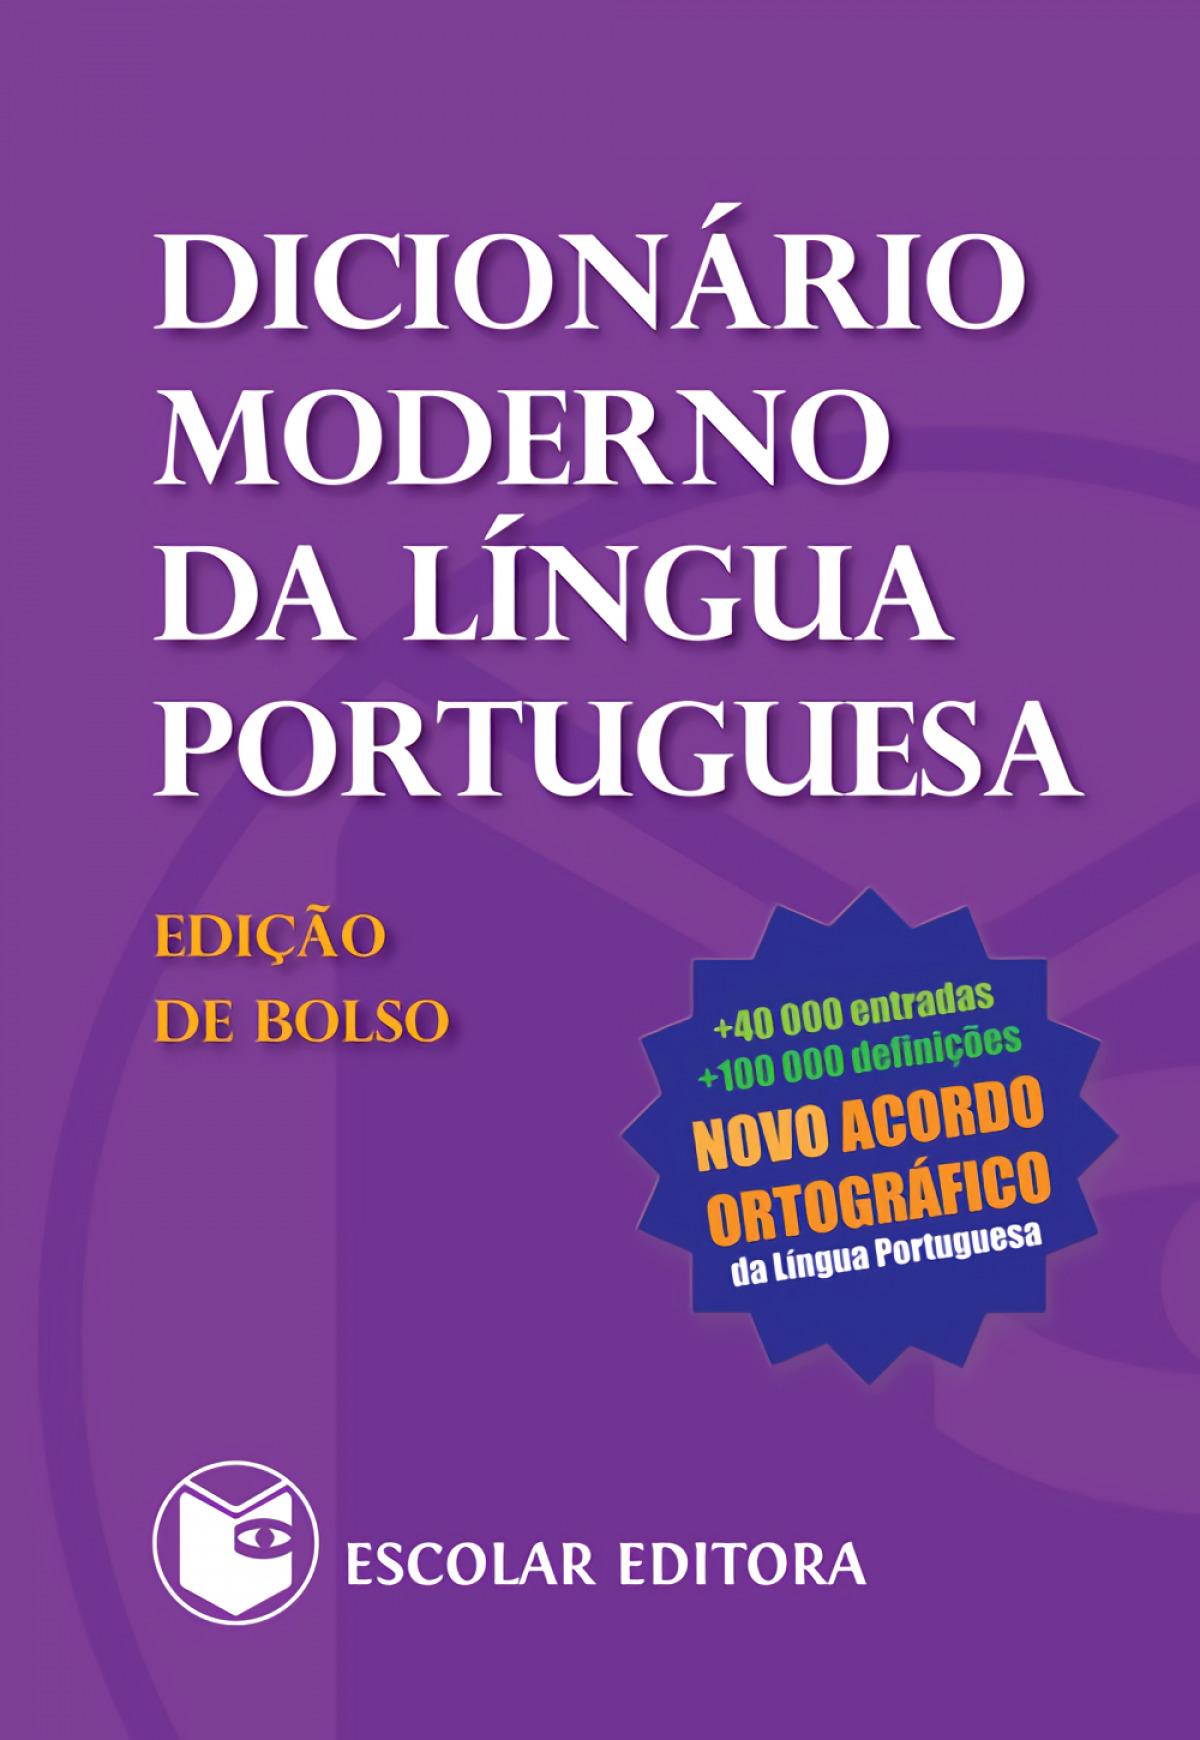 Dicionário Moderno da Língua Portuguesa - Edição de Bolso